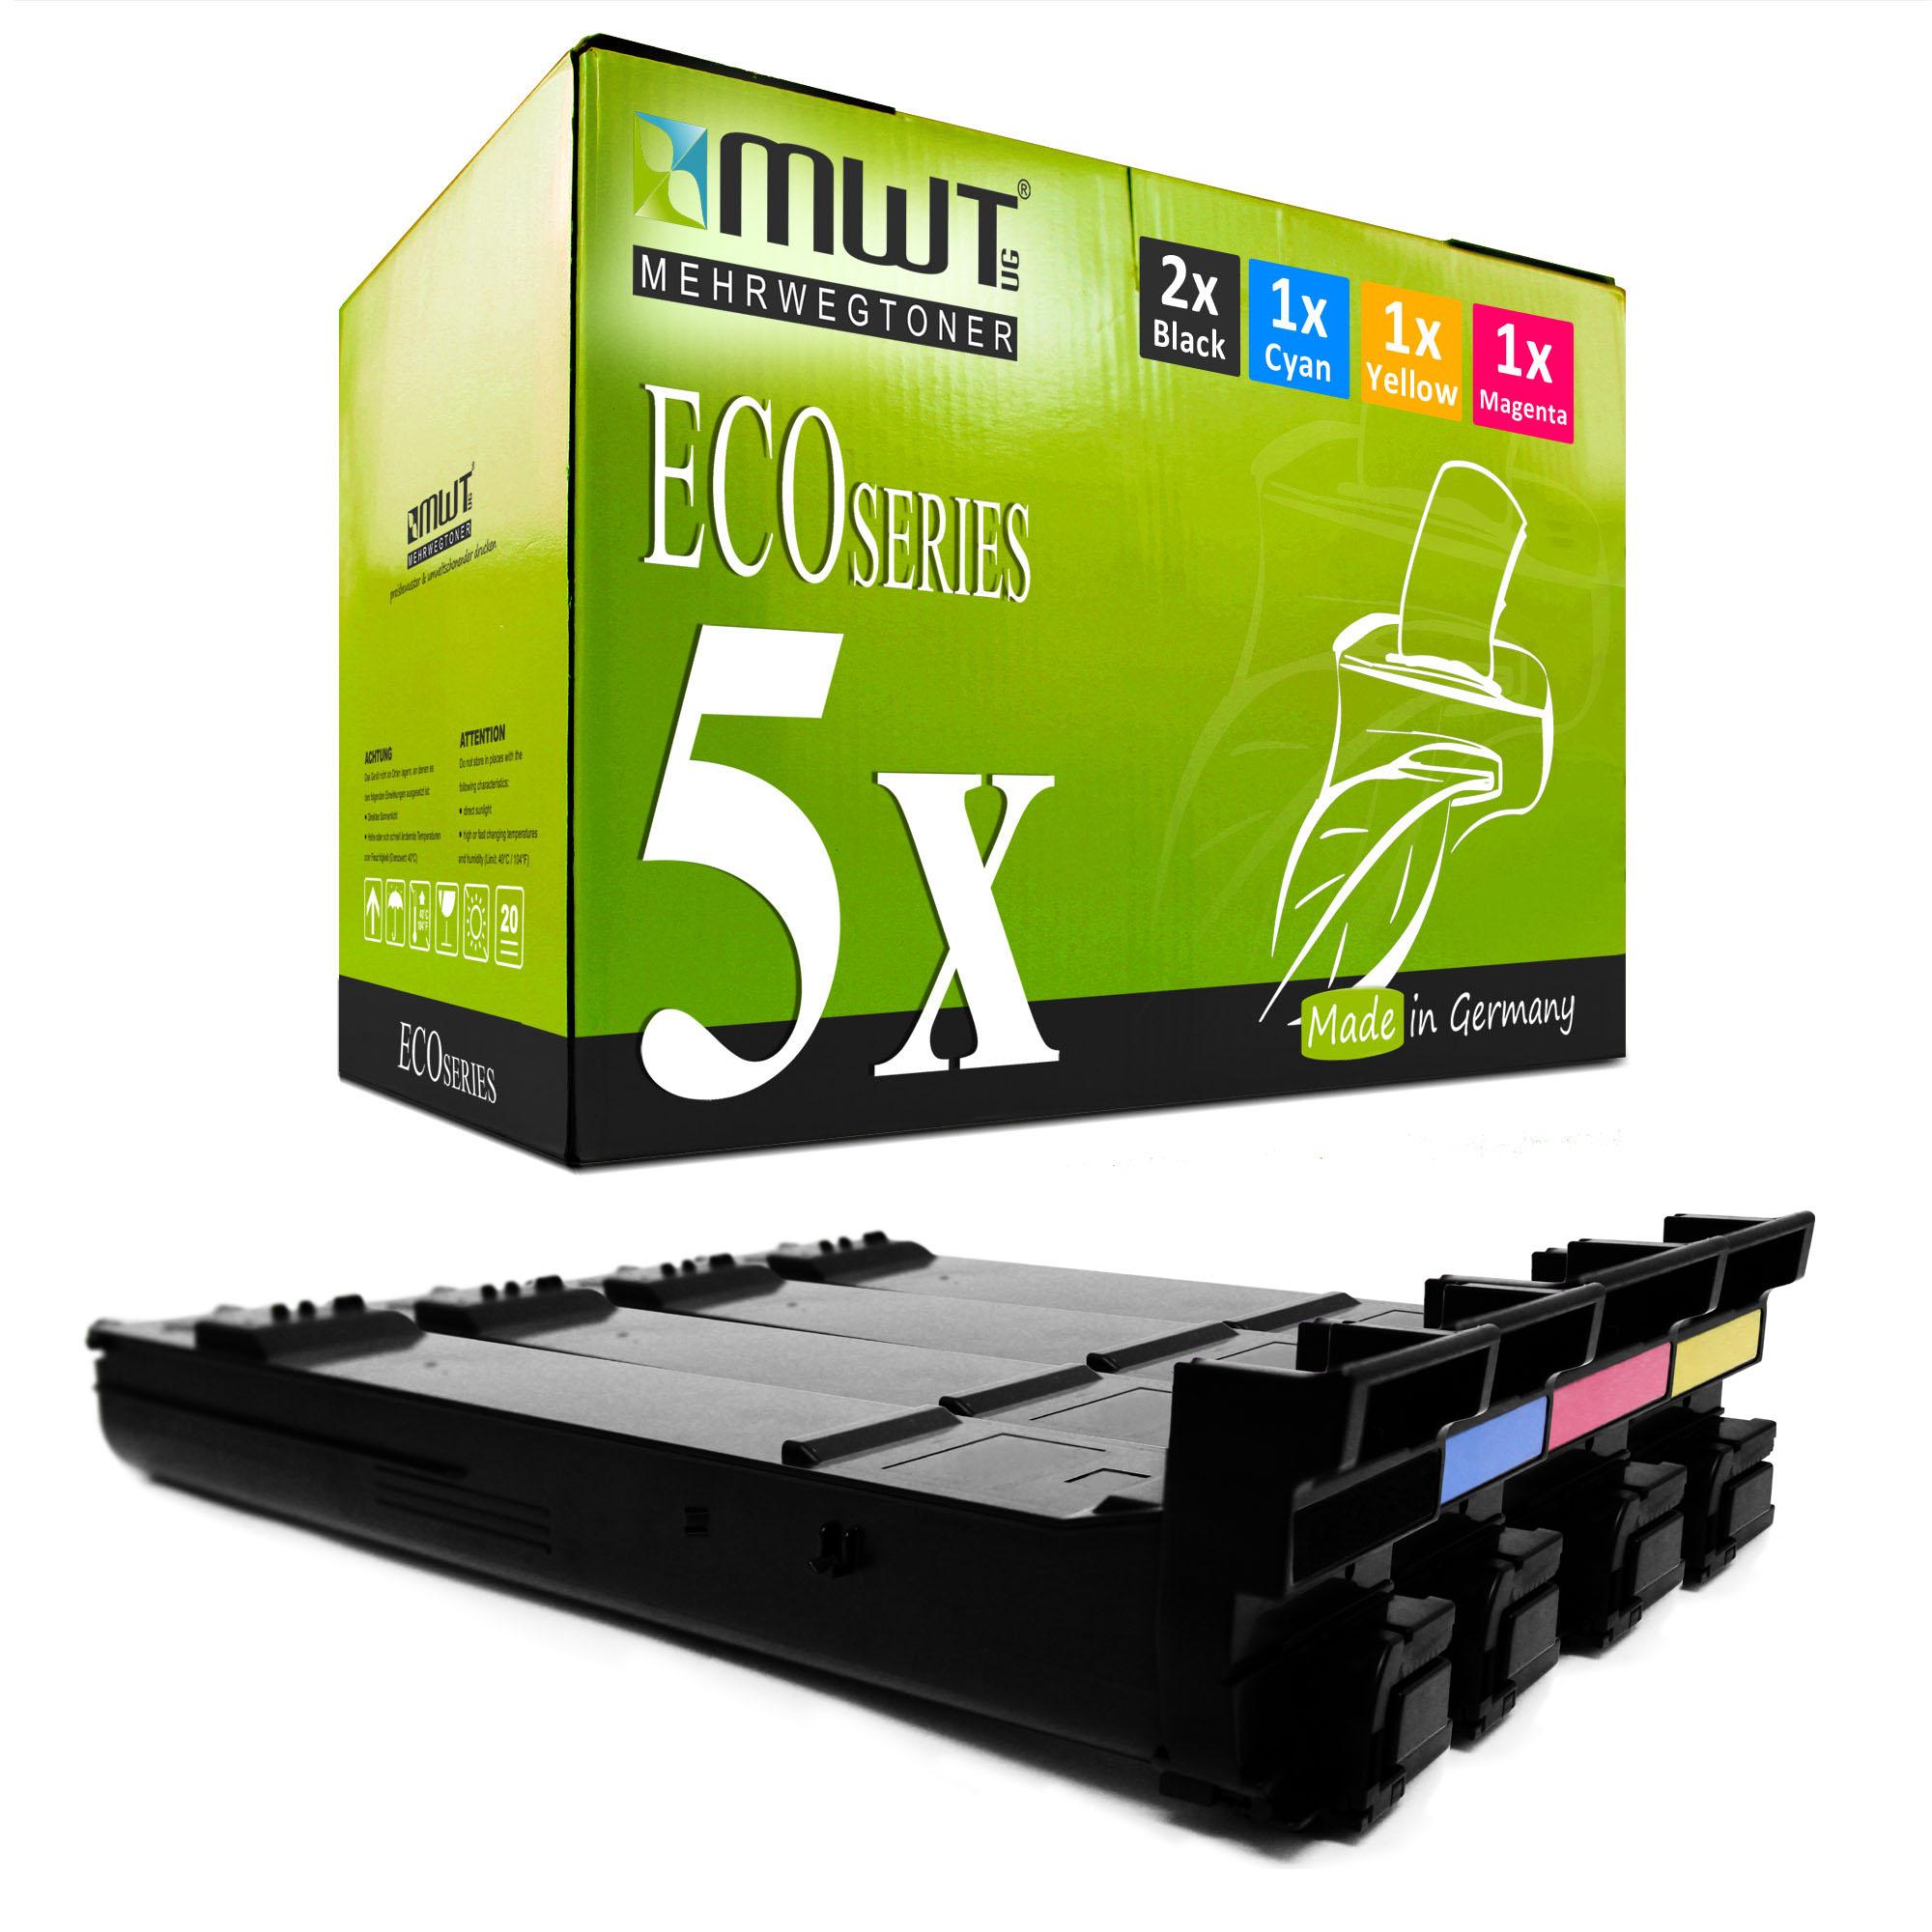 5x-Eco-Toner-Pour-Konica-Minolta-Magicolor-5670-d-5670-en-5570-dh